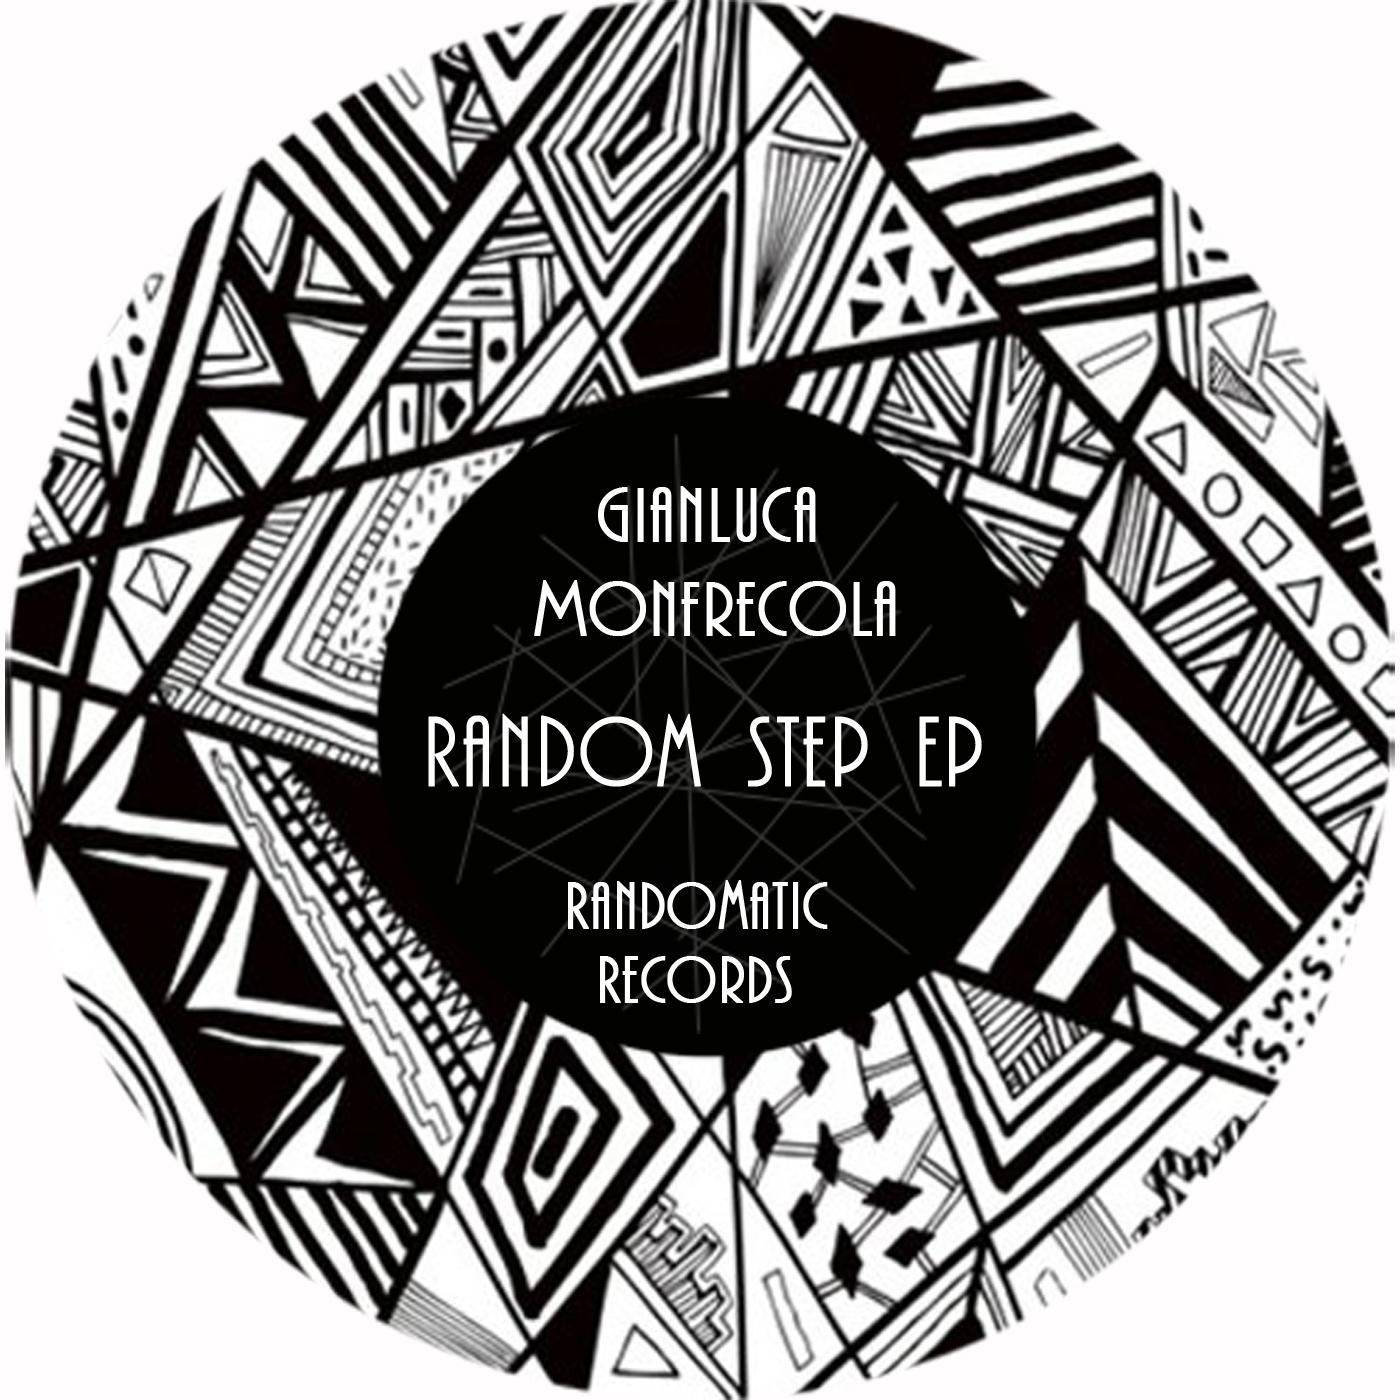 Gianluca Monfrecola - Random Step (Original mix)